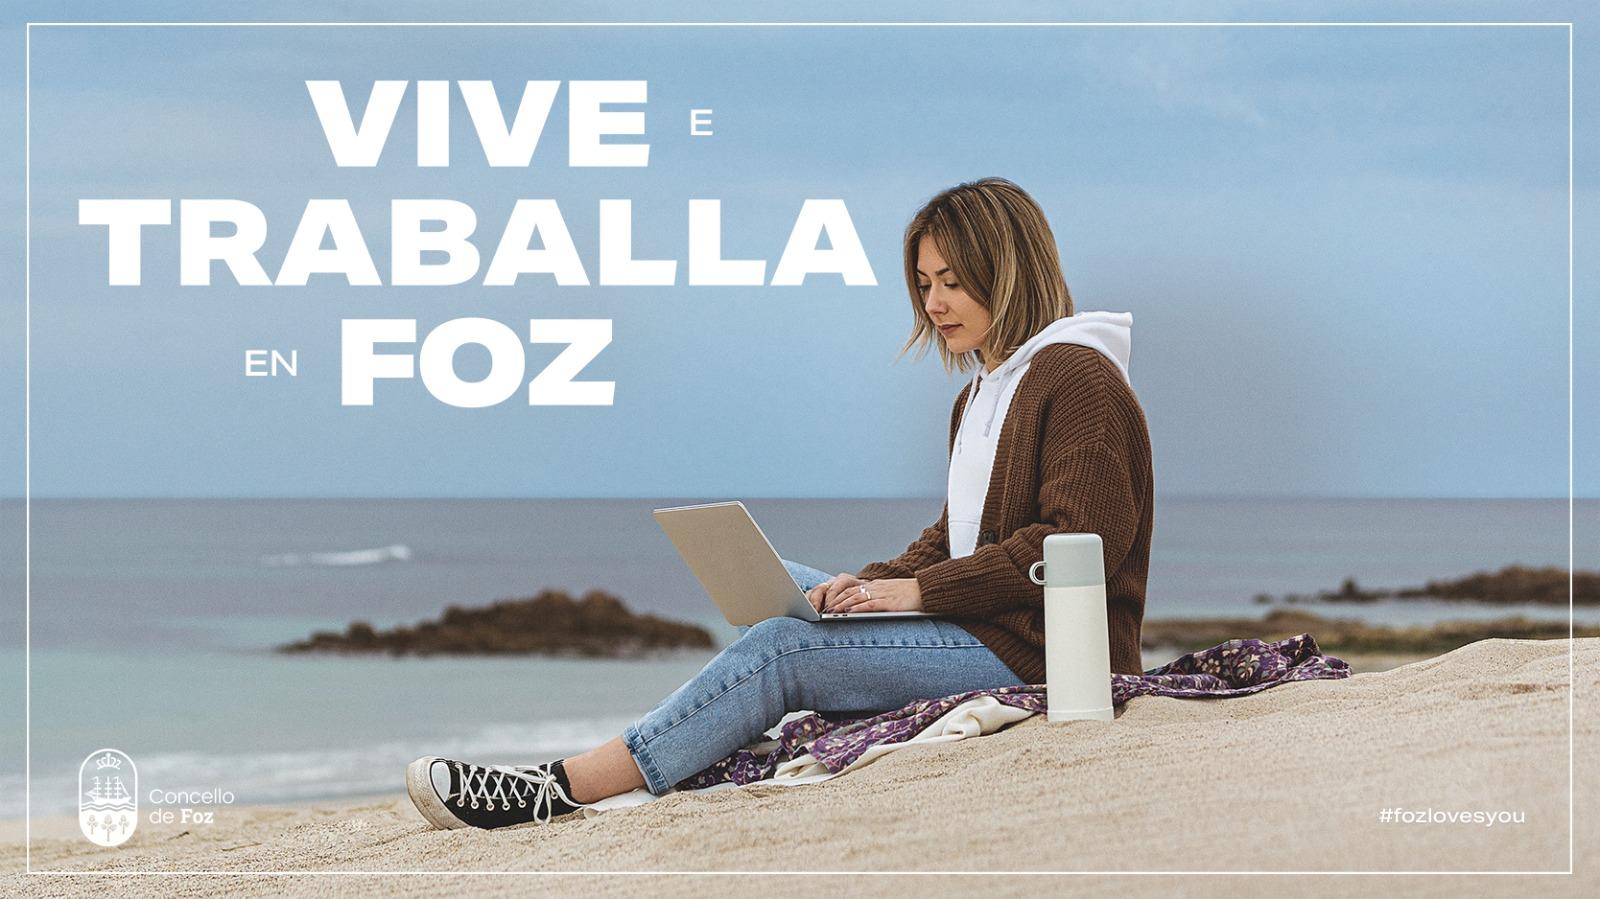 O Concello de Foz presenta este sábado o seu novo banco de fotos municipal e a campaña 'Vive e traballa en Foz'